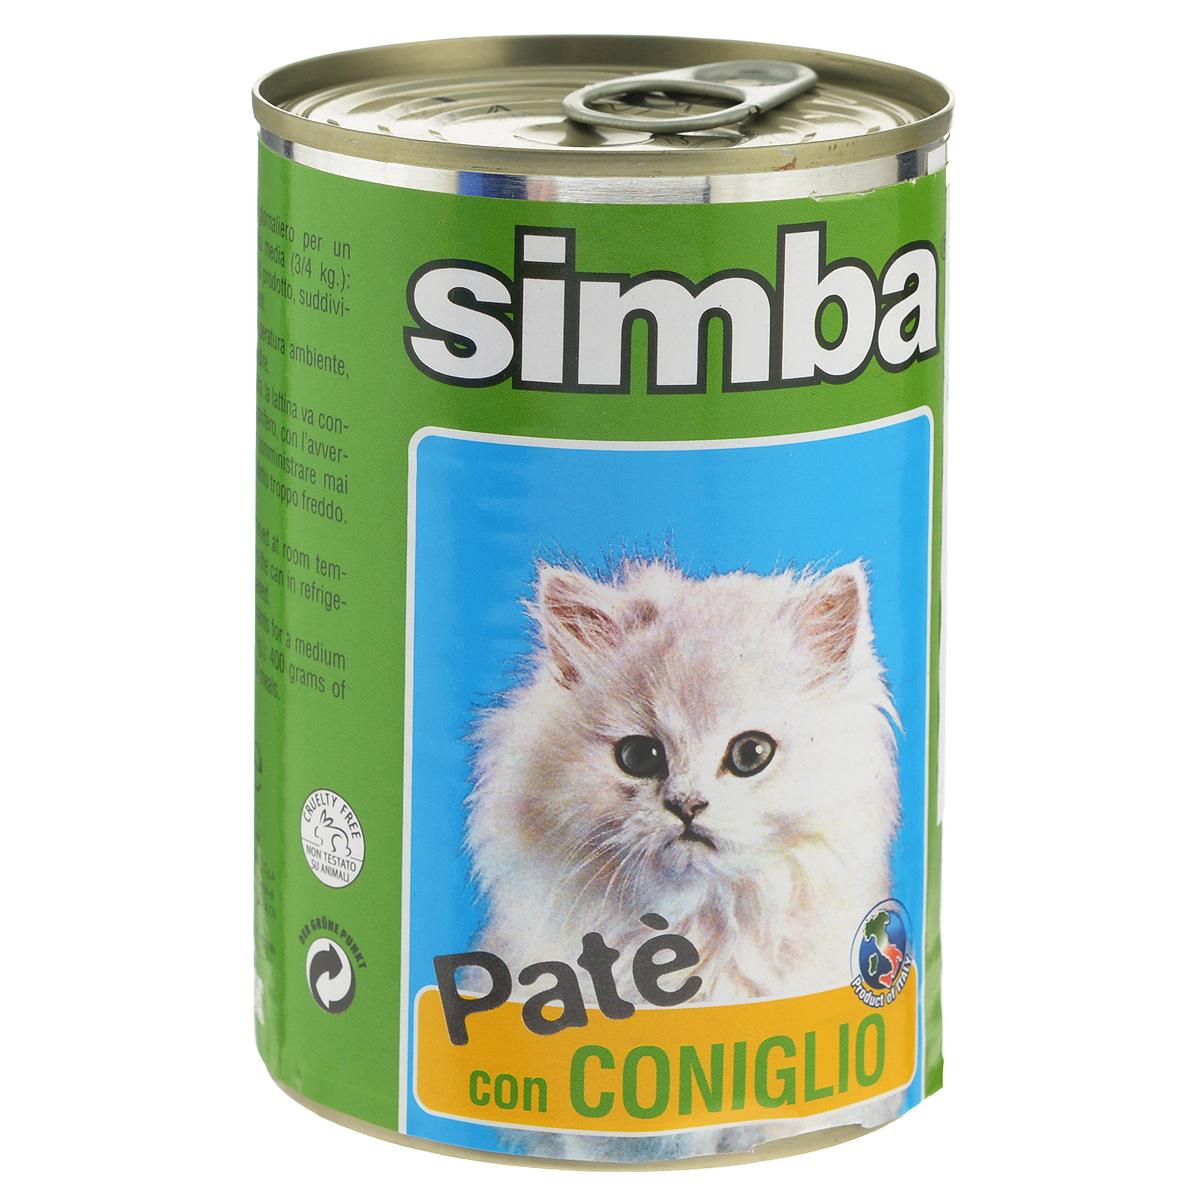 Консервы для кошек Monge Simba, паштет с кроликом, 400 г0120710Консервы для кошек Monge Simba - это полноценное питание для кошек. Паштет с кроликом. Ежедневная норма для кошки среднего размера (3-4 кг) - 400 г. Состав: мясо и мясные субпродукты 60% (в том числе кролик 6%), минеральные вещества, витамины, технологические добавки - загустители и желирующие вещества. Анализ компонентов: сырой белок 8%, сырой жир 7,5%, сырая клетчатка 0,4%, зола 2,1%, влажность 81%.Витамины и добавки на 1 кг: витамин А 1200 МЕ, витамин D3 160 МЕ, витамин Е 5 мг. Товар сертифицирован.